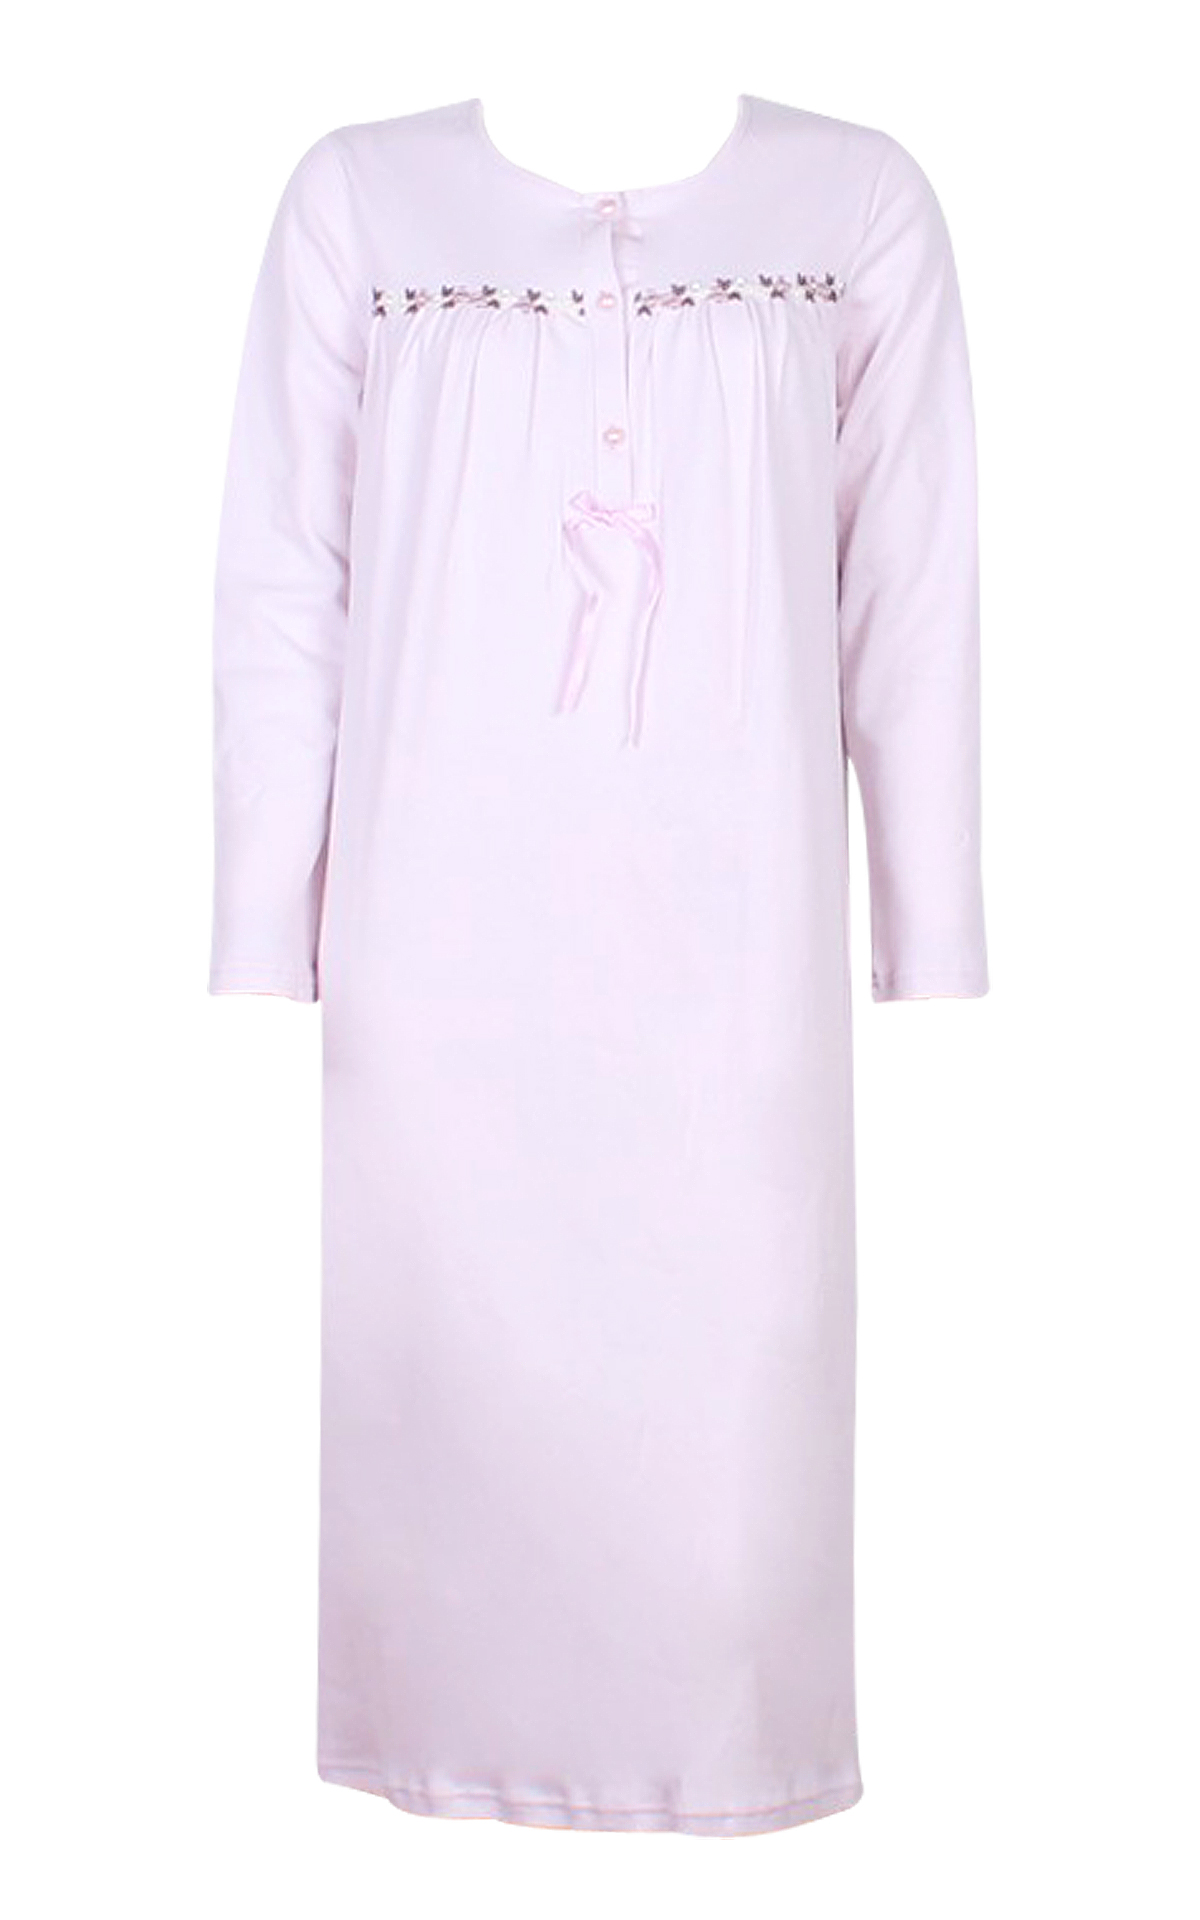 Woman Pyjama Nightdress Nightdress Floral trim a9a42f8f58f